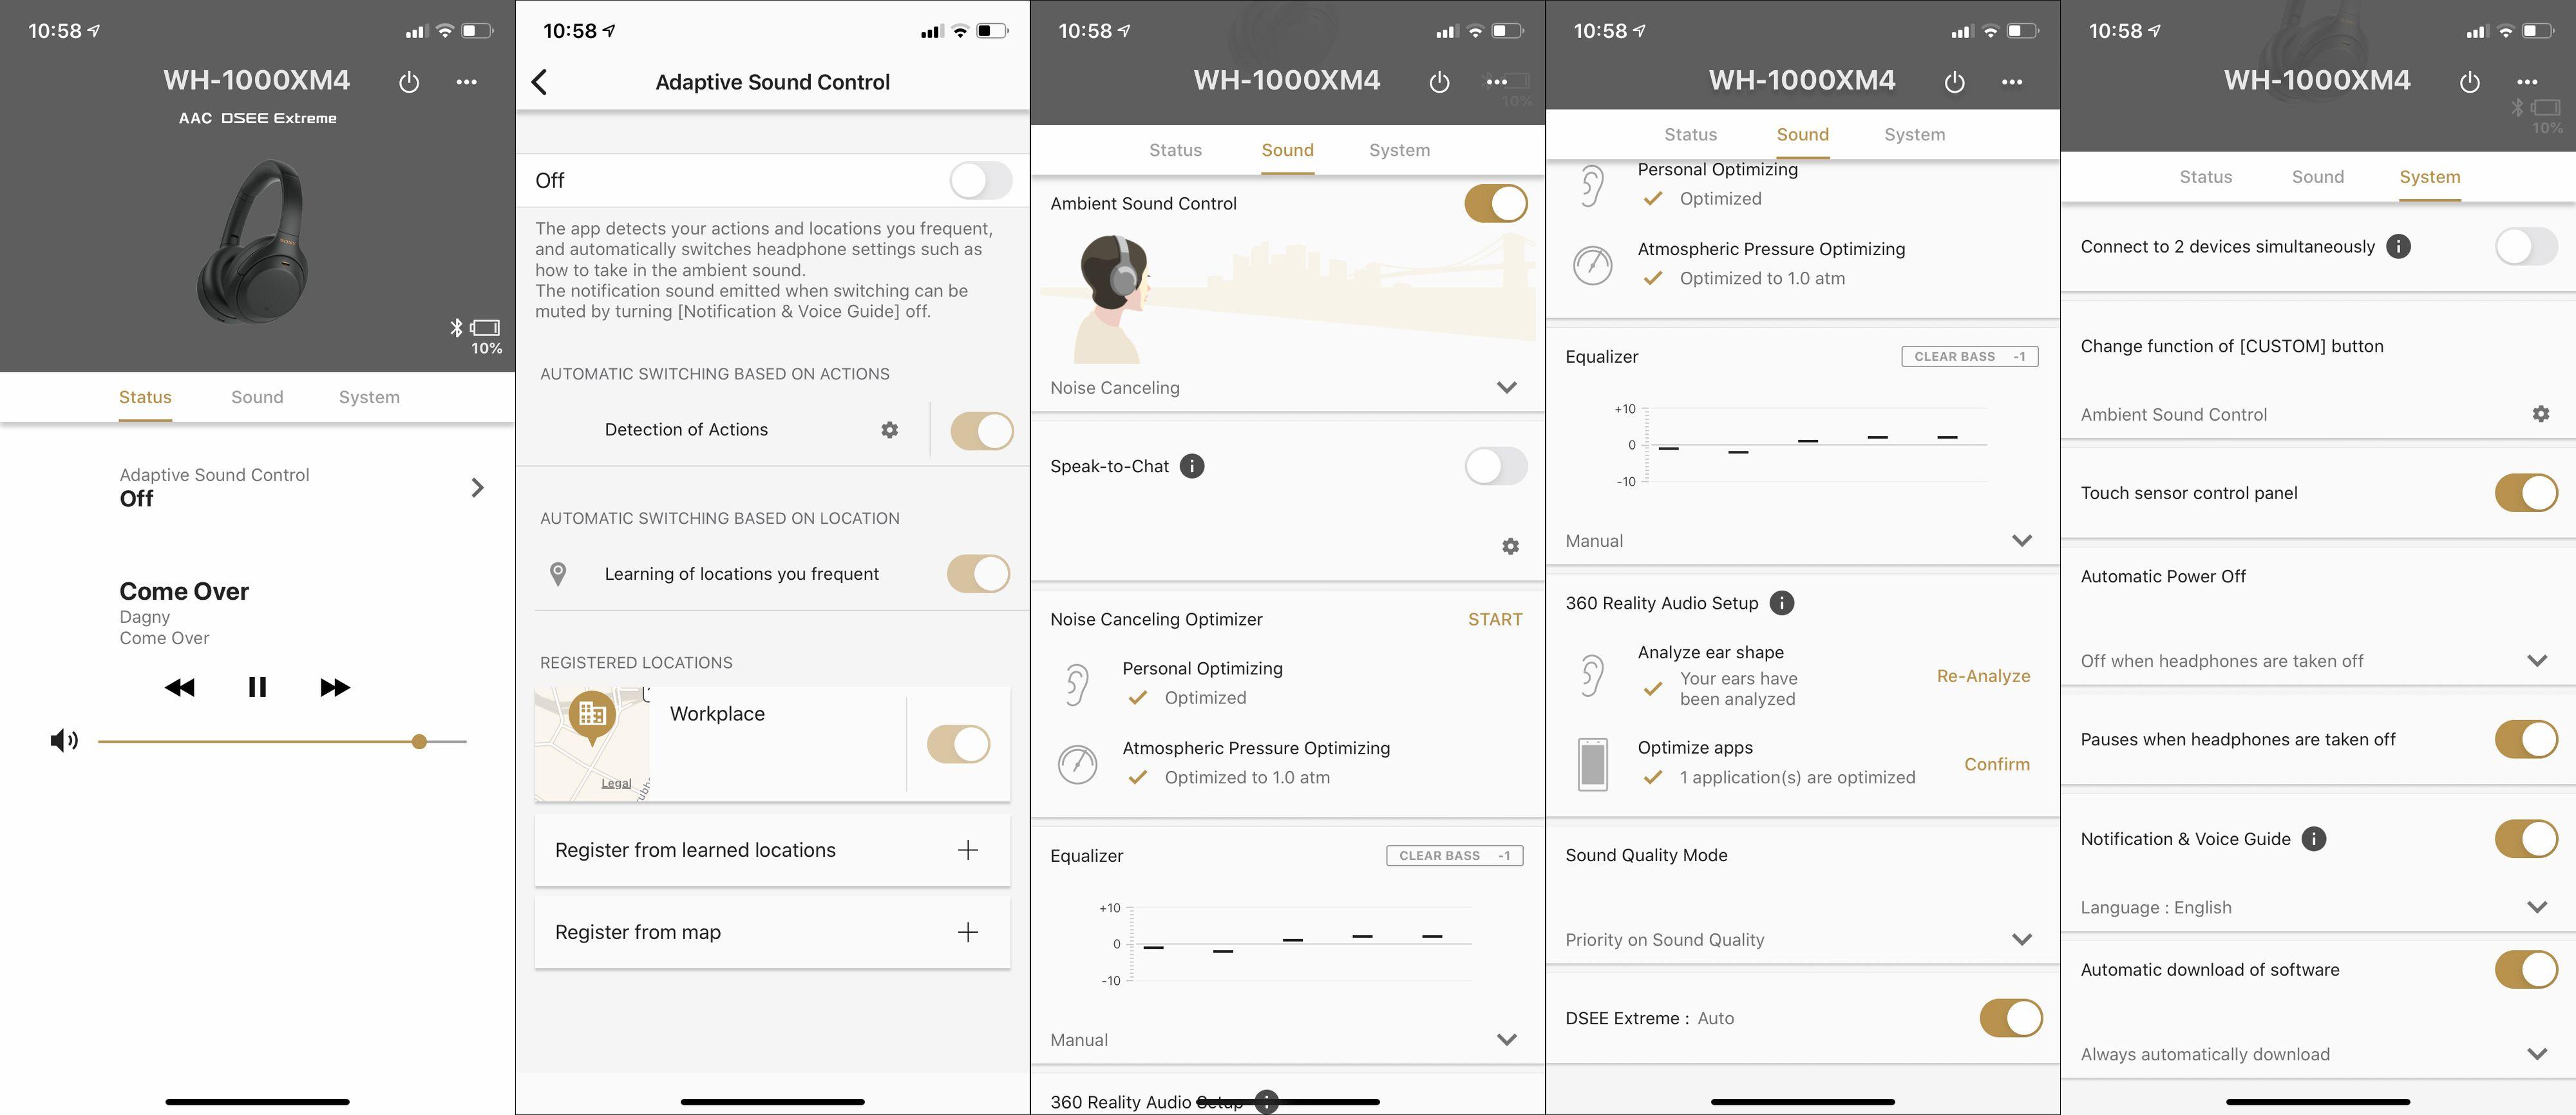 Sonys Headphones-app er oppdatert, og Sony har endelig skjønt at det å gi brukeren valgfrihet er en god ting. Fortsatt kunne vi gjerne ønsket oss flere muligheter for Custom-knappen, som i praksis bare har to valg.